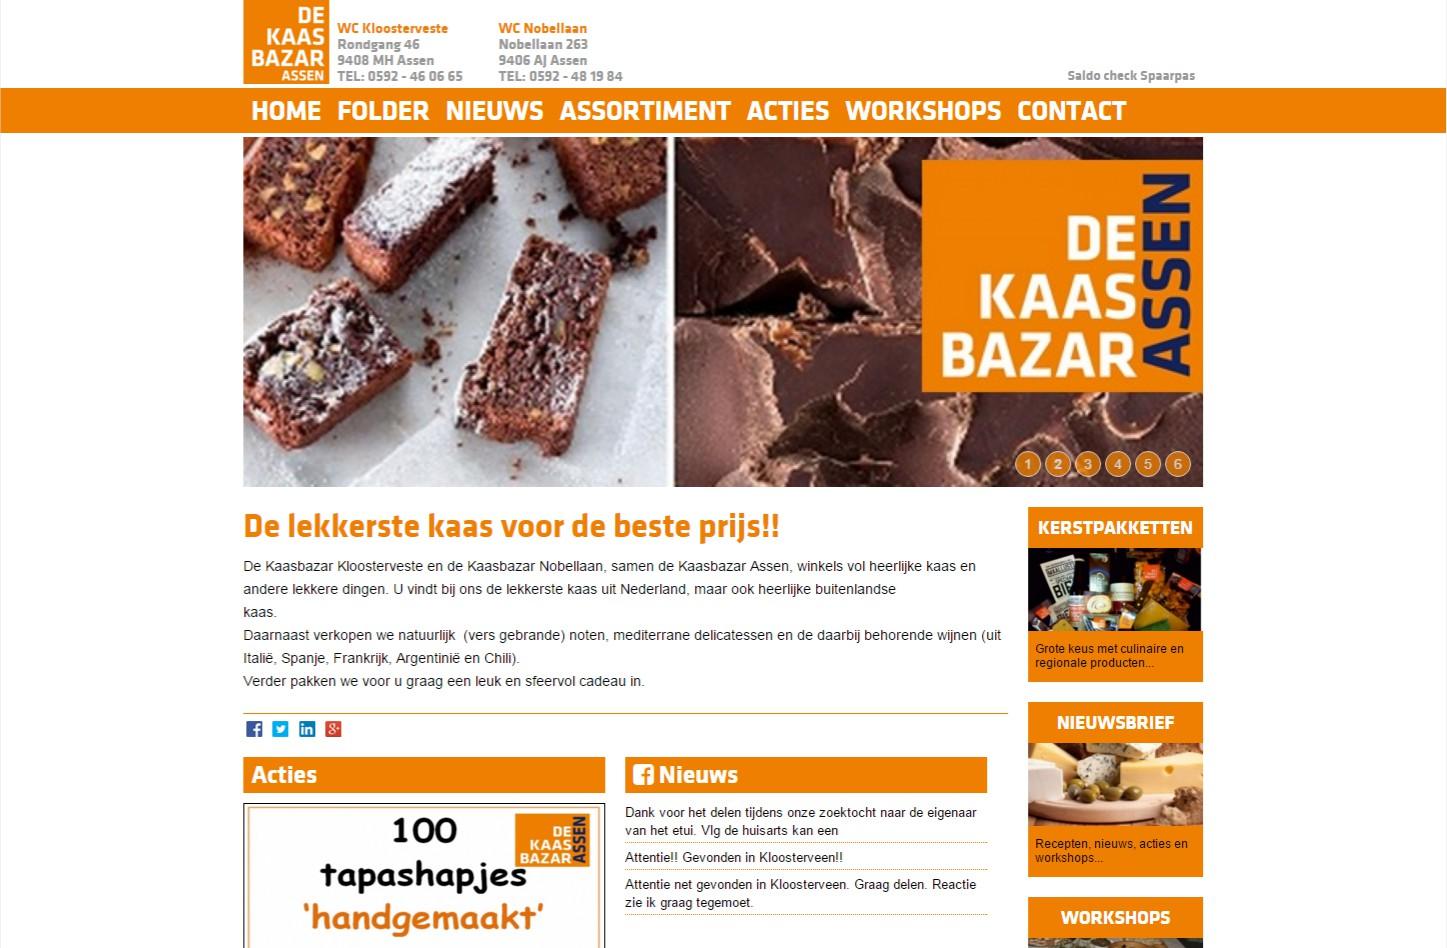 Een bestaande website gemoderniseerd met extra functies zoals aanbiedingenbeheer met datumstempel en nieuwsfeed via 2 facebookpagina's. +++www.dekaasbazar.nl